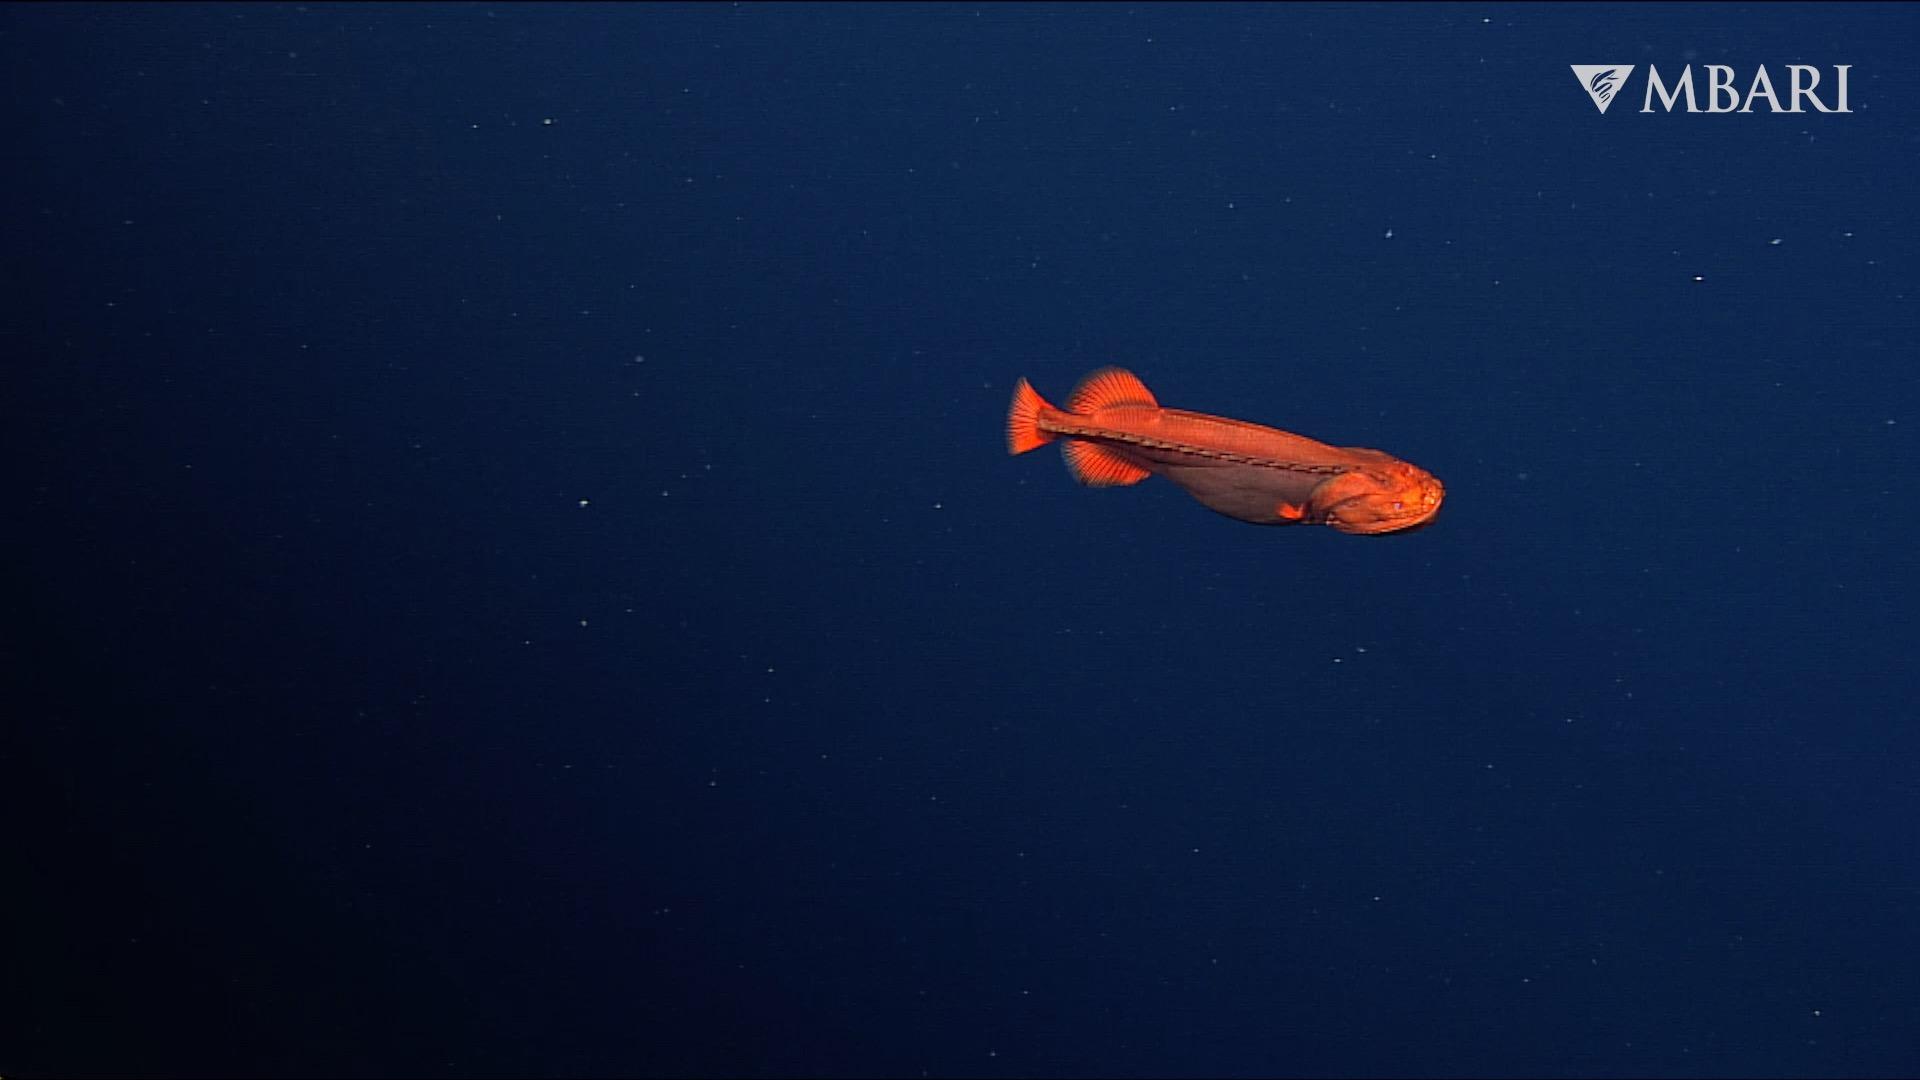 """美国加州蒙特利湾深海发现""""橙色幽灵鱼""""Whalefish 过去34年只发现过18次"""